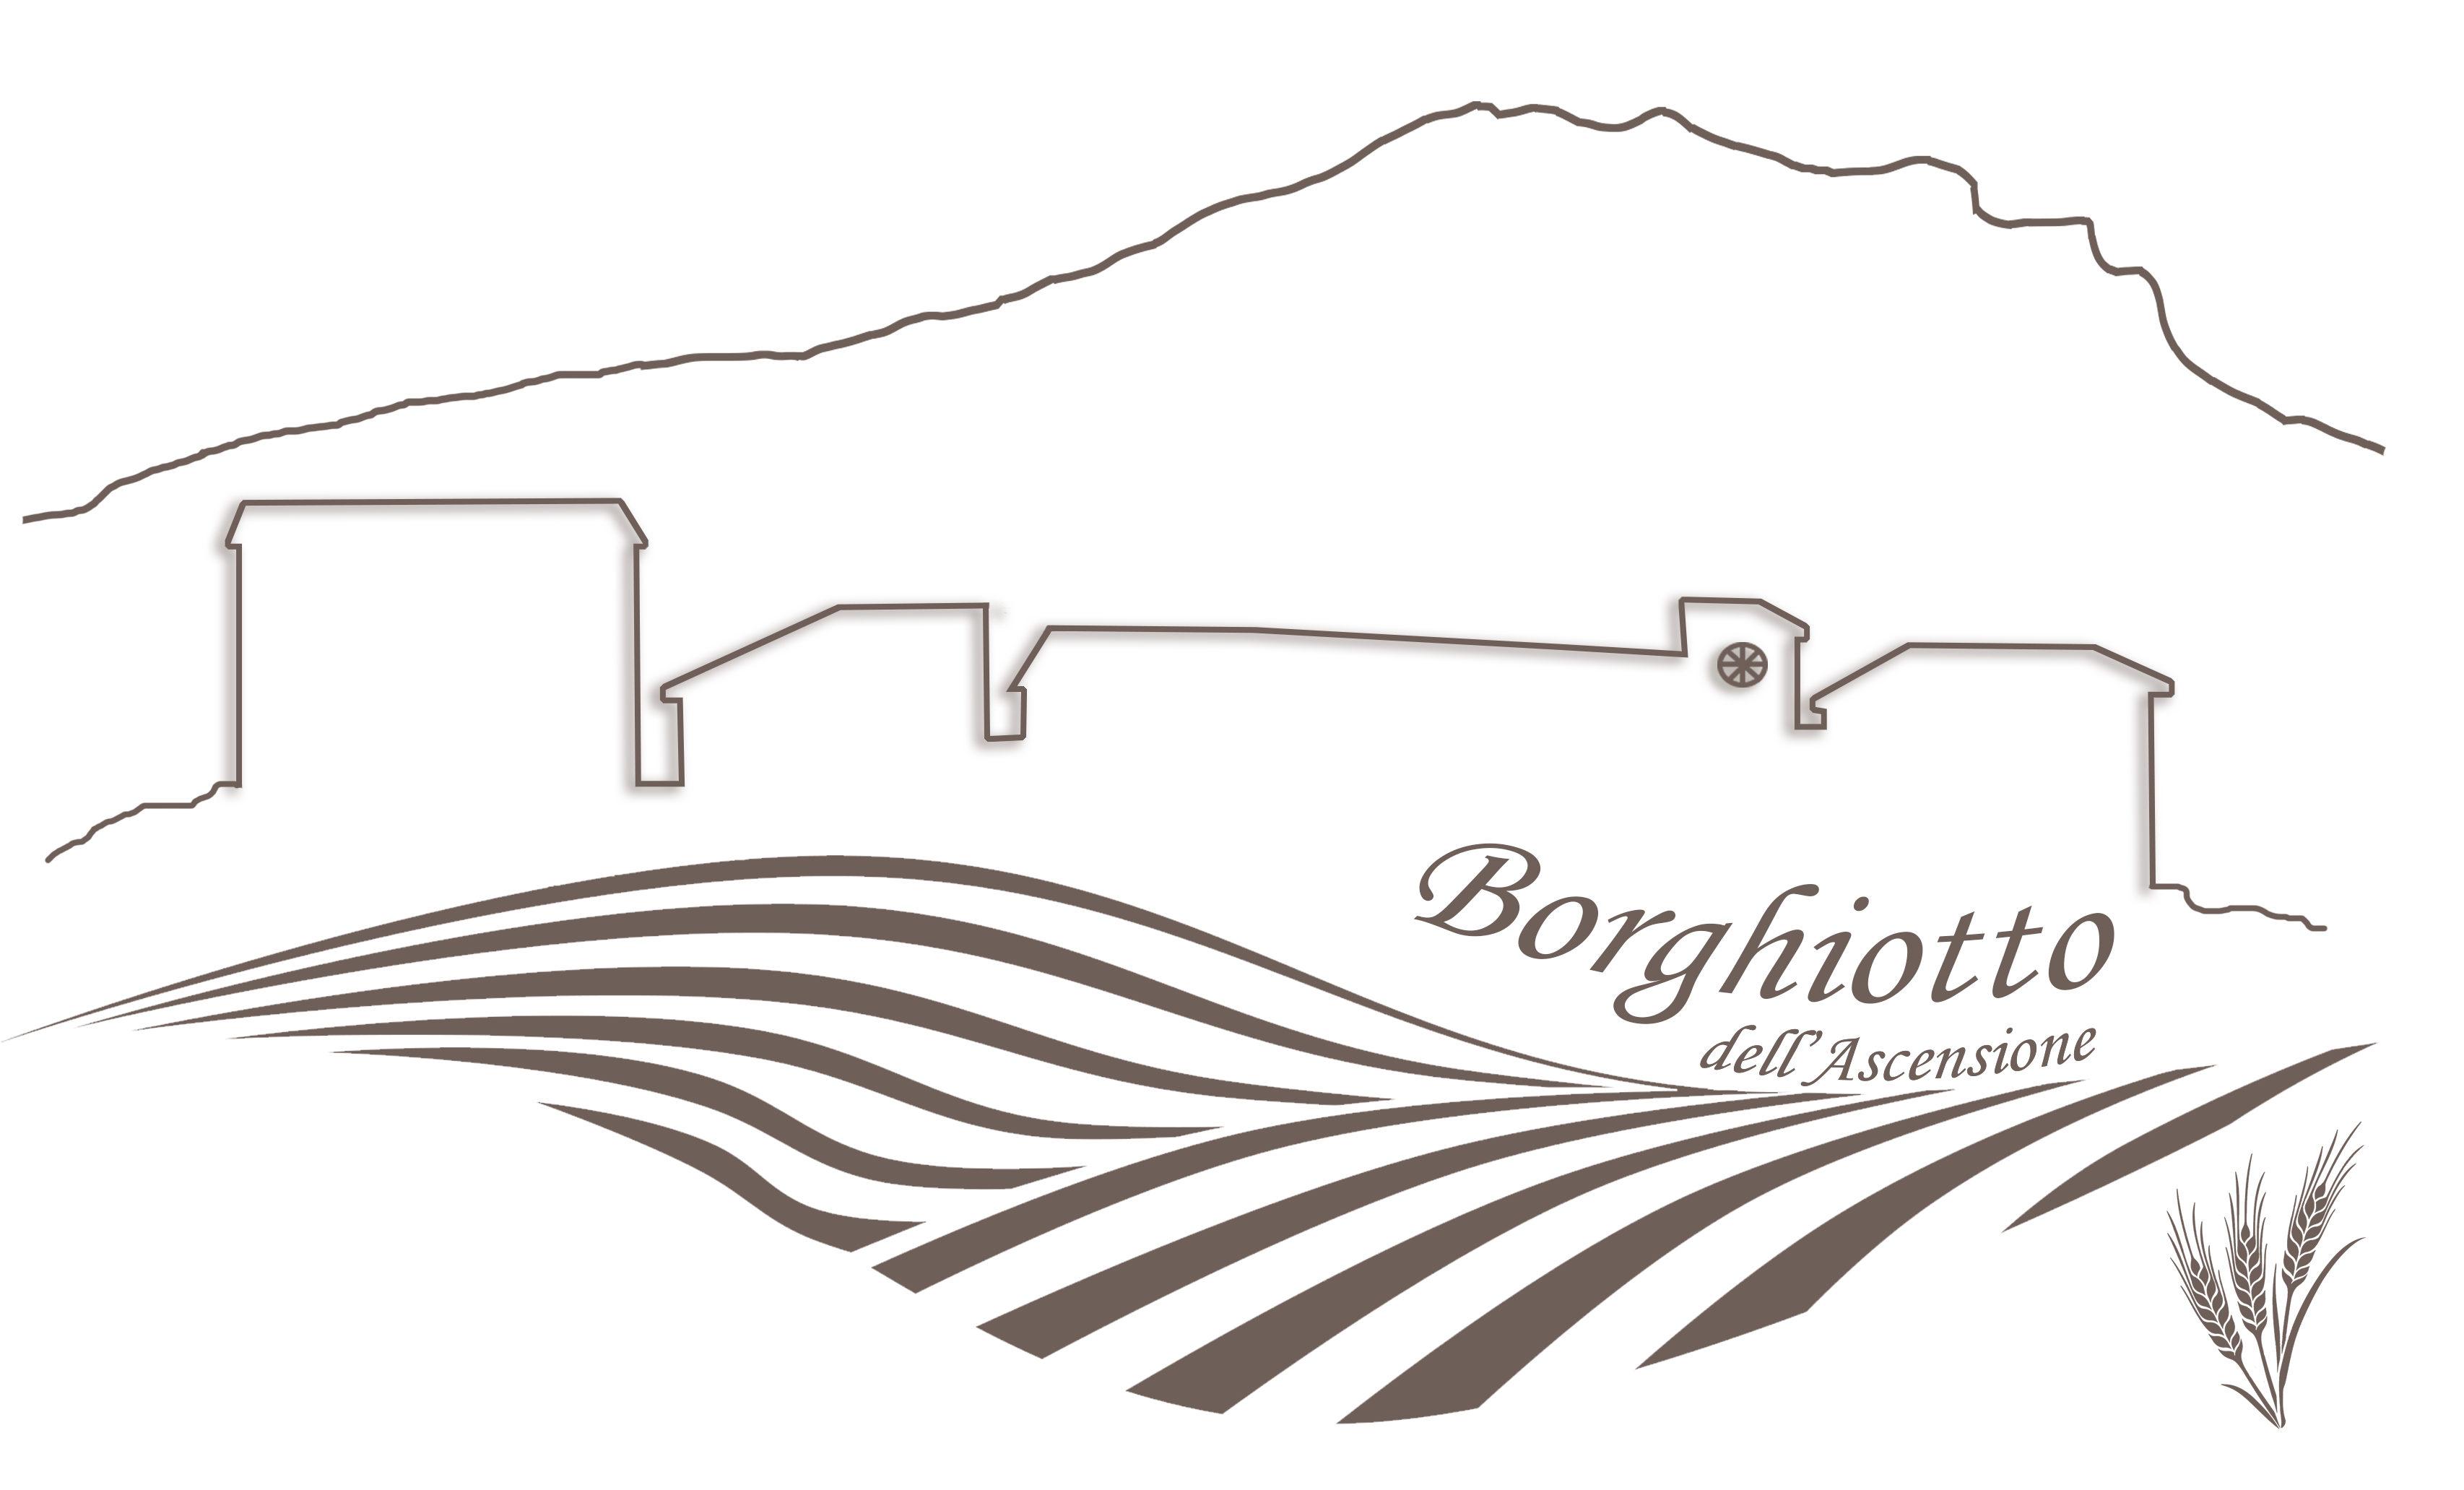 Borghiotto